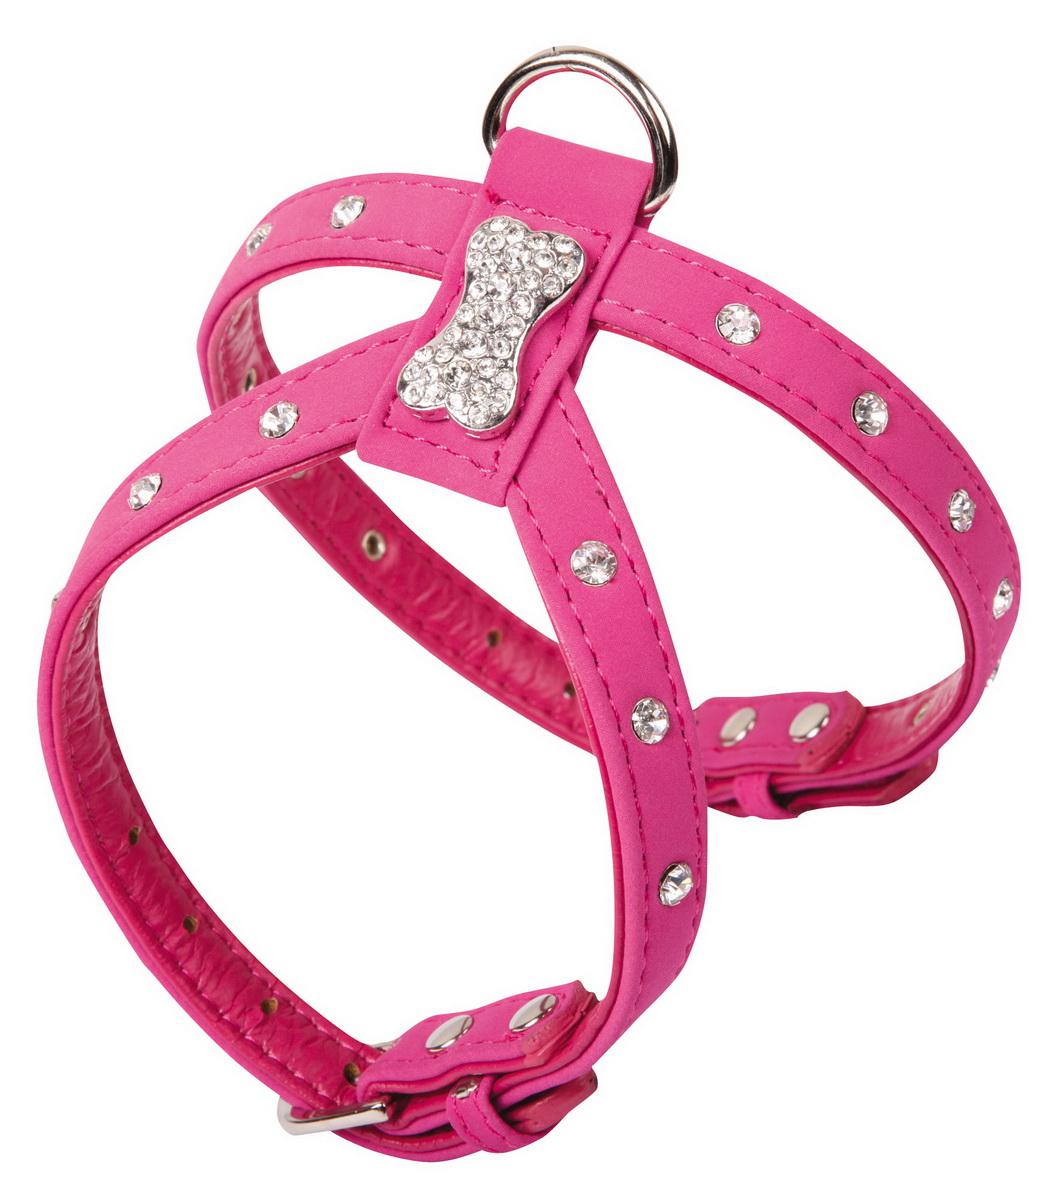 Шлейка для собак Dezzie, цвет: розовый, обхват шеи 15-20 см, обхват груди 22-27 см. Размер S. 56240785624078Шлейка Dezzie, изготовленная из бархата и украшенная металлической вставкой в виде косточки и стразами подходит для собак мелких пород. Крепкие металлические элементы делают ее надежной и долговечной. Шлейка - это альтернатива ошейнику. Правильно подобранная шлейка не стесняет движения питомца, не натирает кожу, поэтому животное чувствует себя в ней уверенно и комфортно. Изделие отличается высоким качеством, удобством и универсальностью. Имеется металлическое кольцо для крепления поводка. Размер регулируется при помощи пряжек. Обхват шеи: 15-20 см. Обхват груди: 22-27 см.